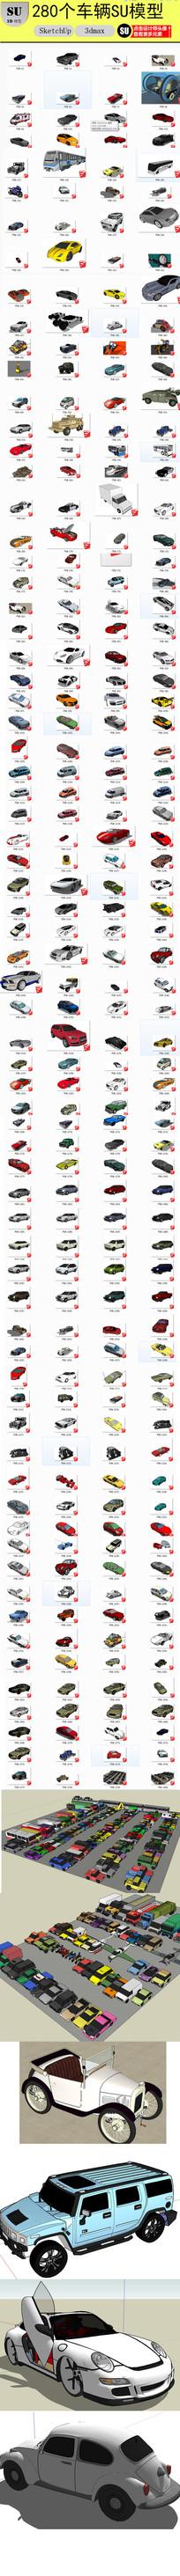 汽车小车交通工具SU模型